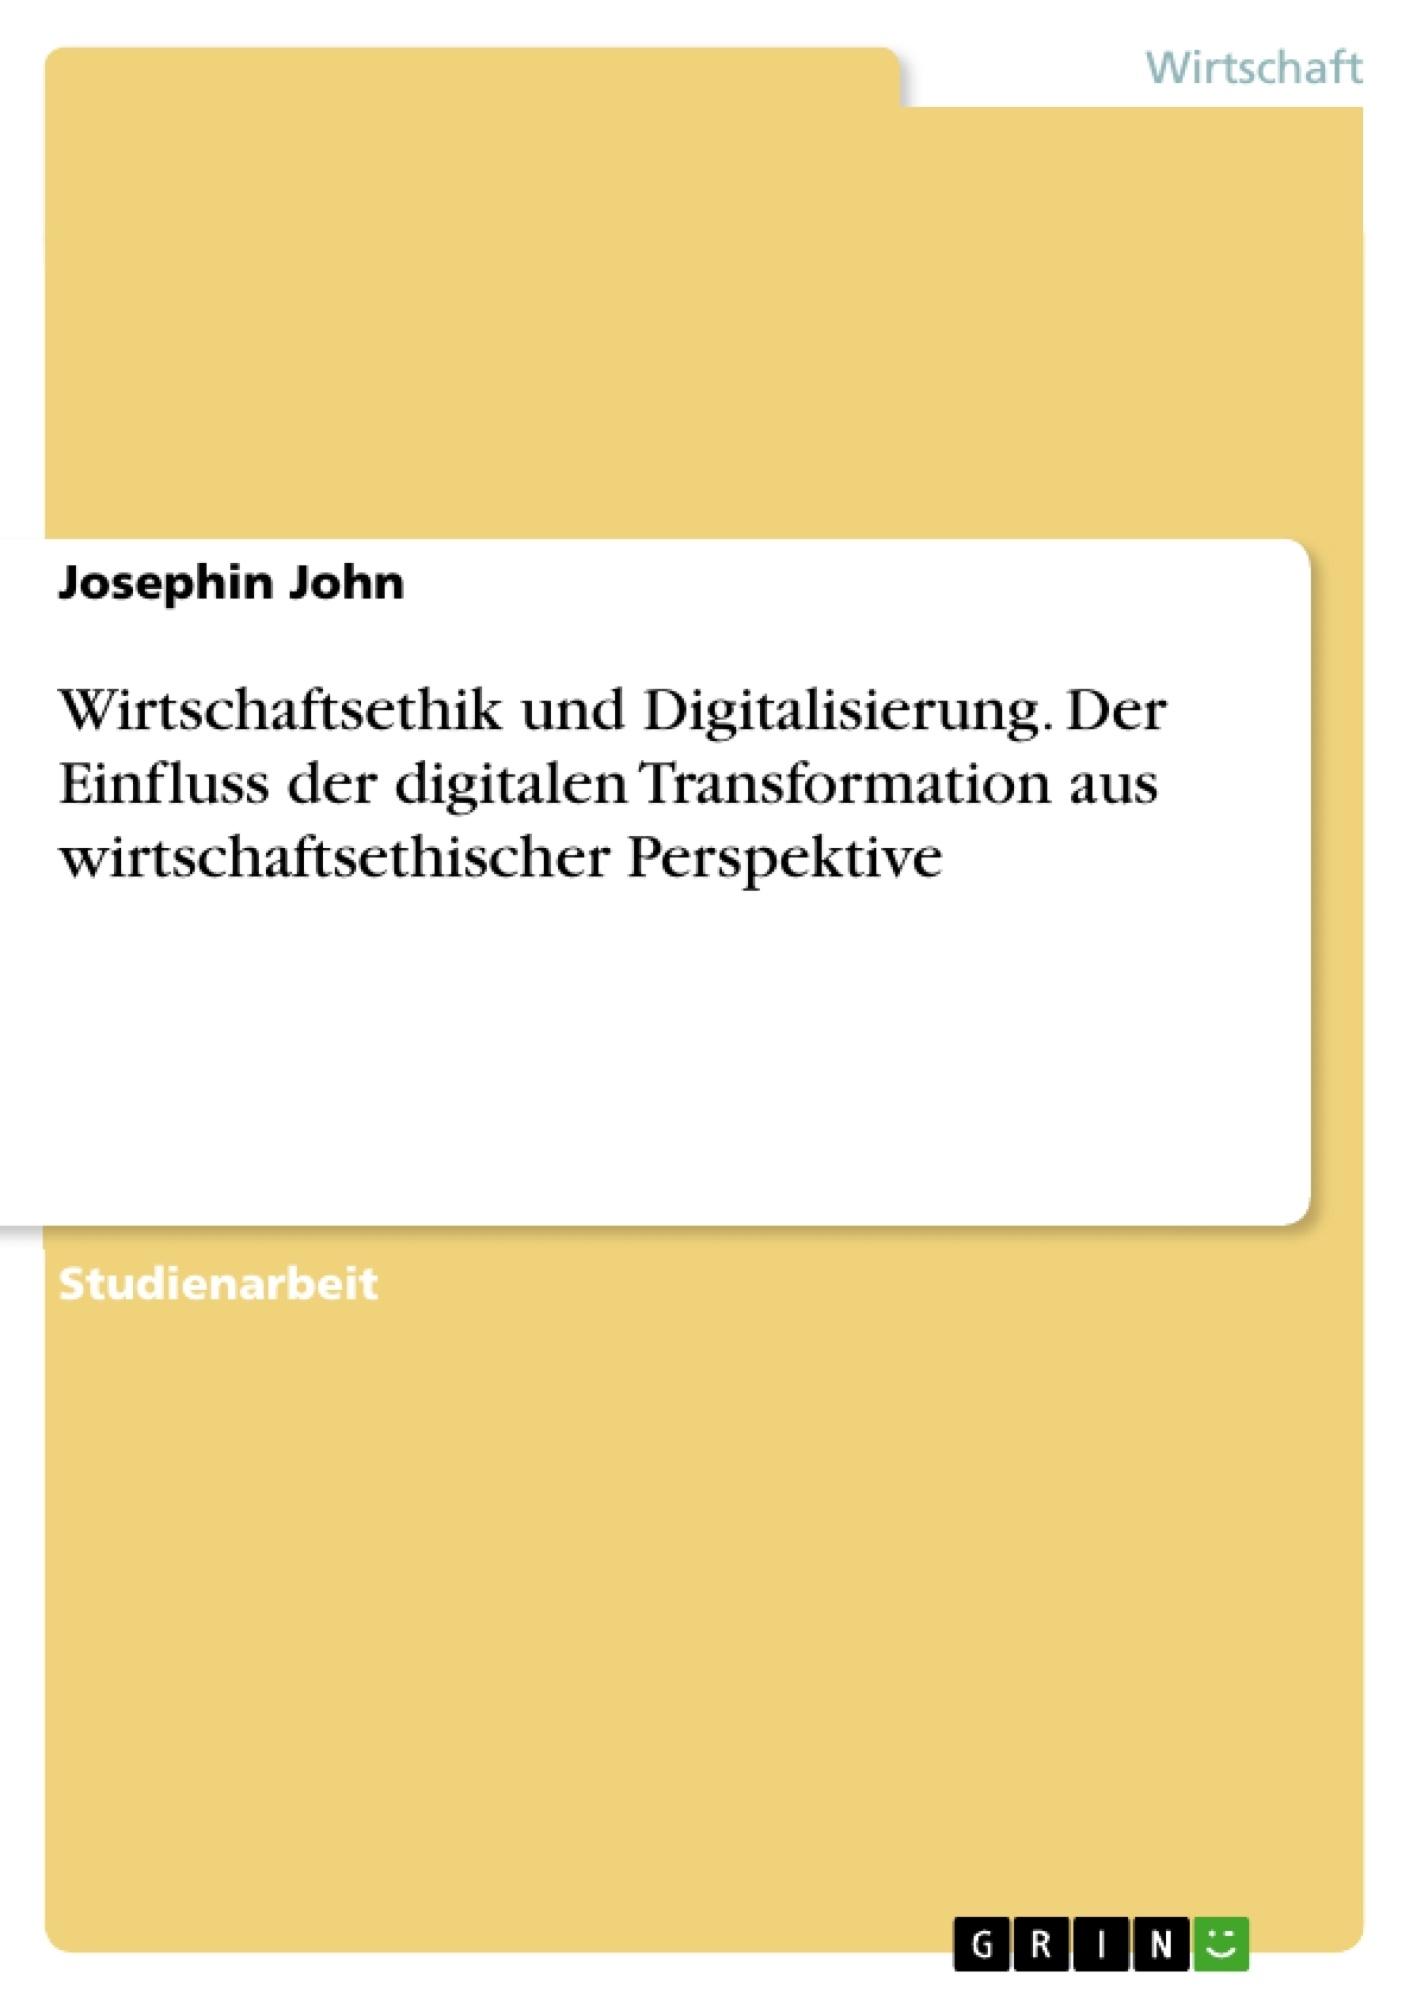 Titel: Wirtschaftsethik und Digitalisierung. Der Einfluss der digitalen Transformation aus wirtschaftsethischer Perspektive